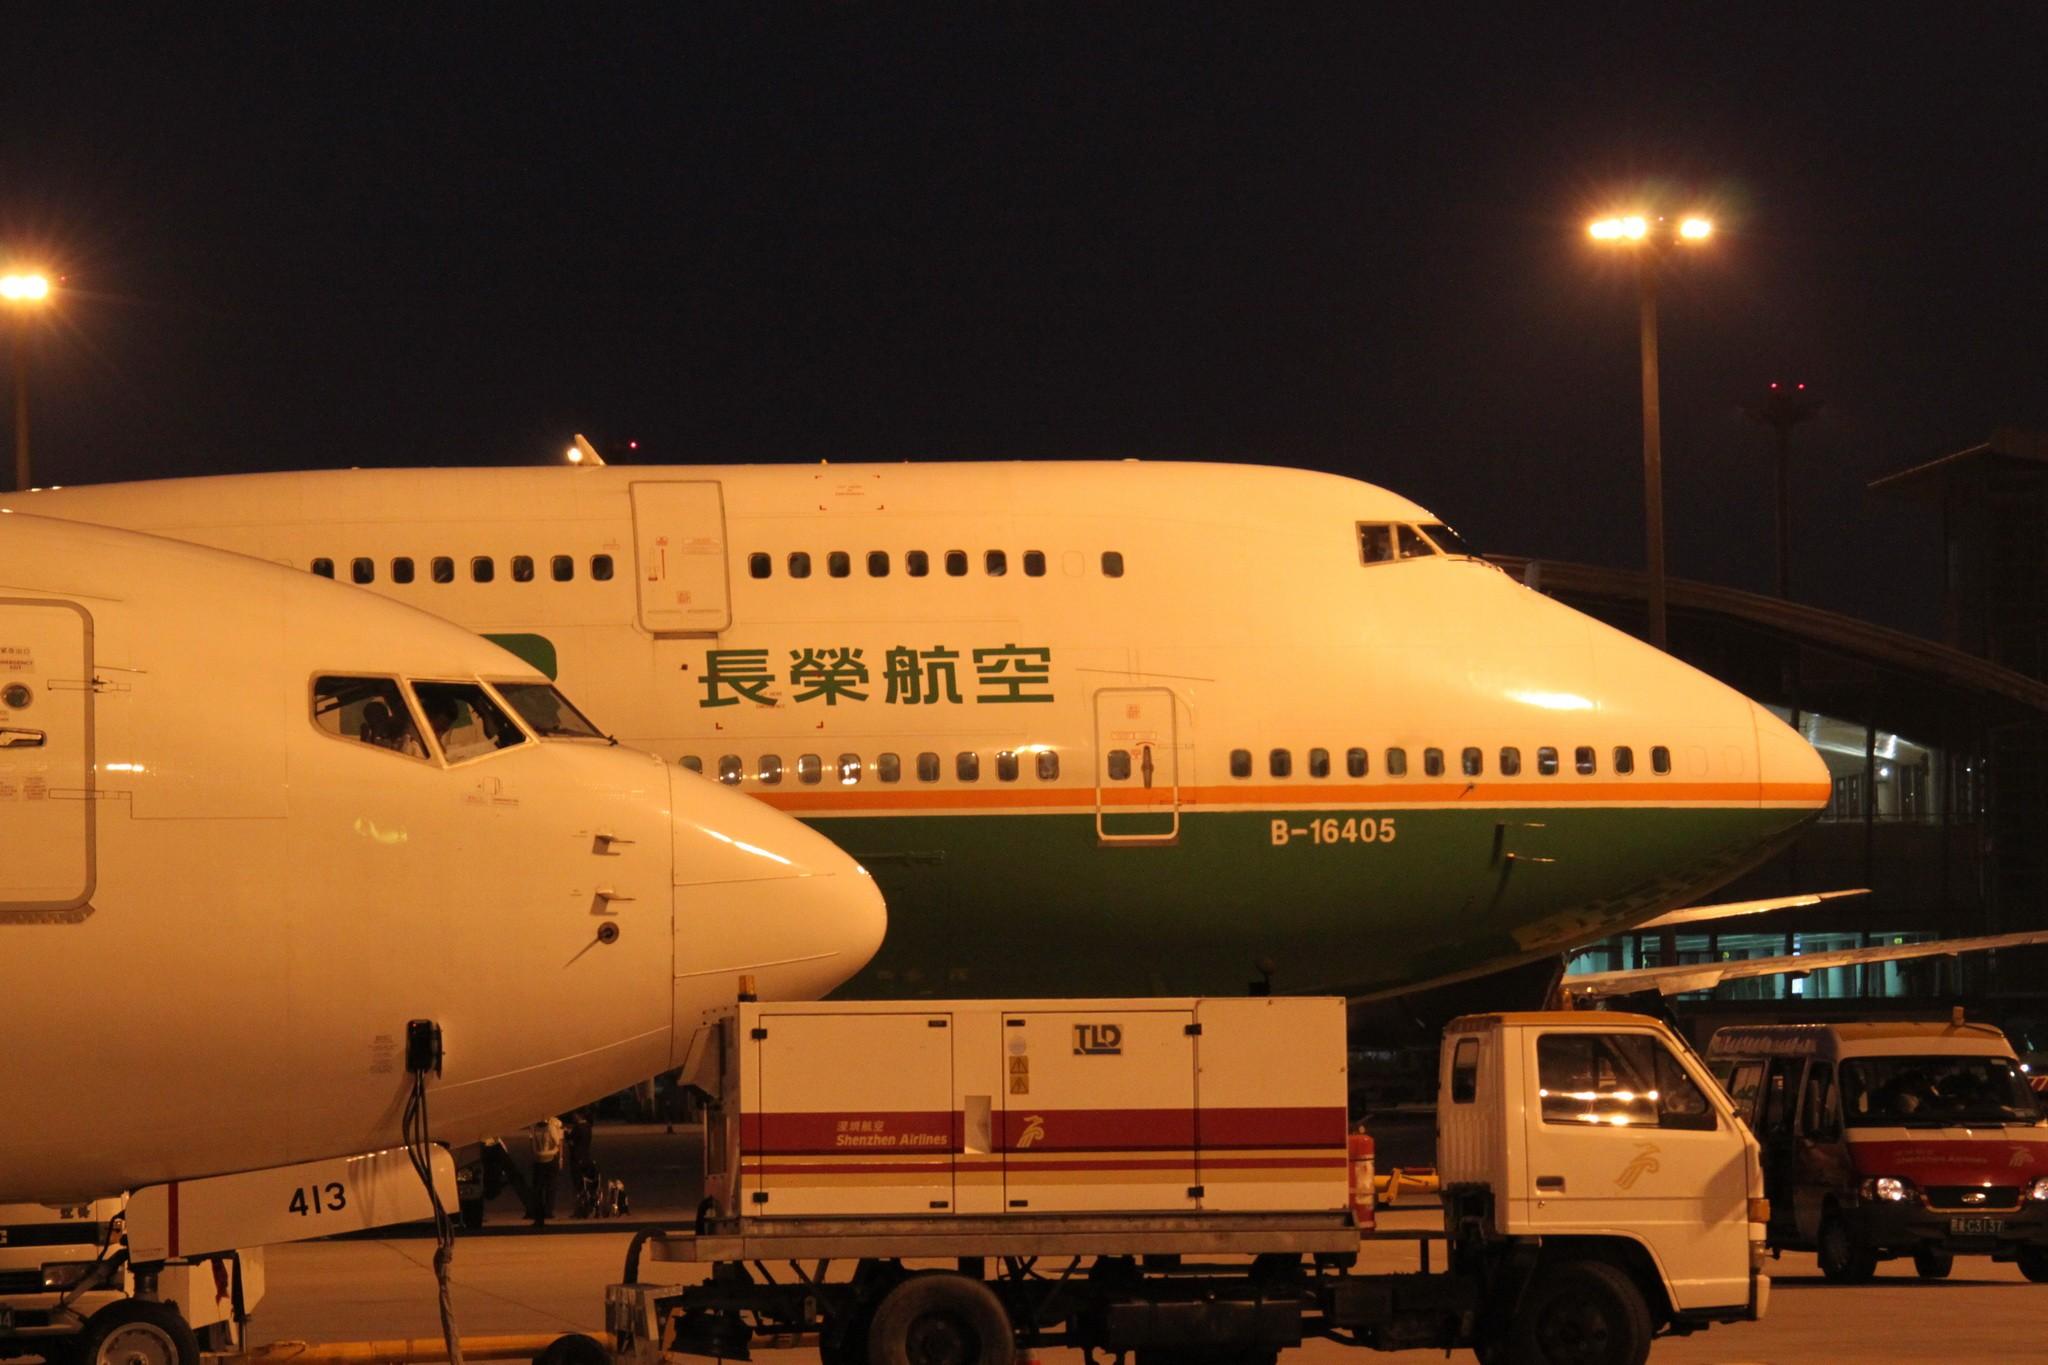 Re:[原创]5月2号在宝安机场拍到的几架飞机 BOEING 747-400 B-16405 中国深圳宝安机场